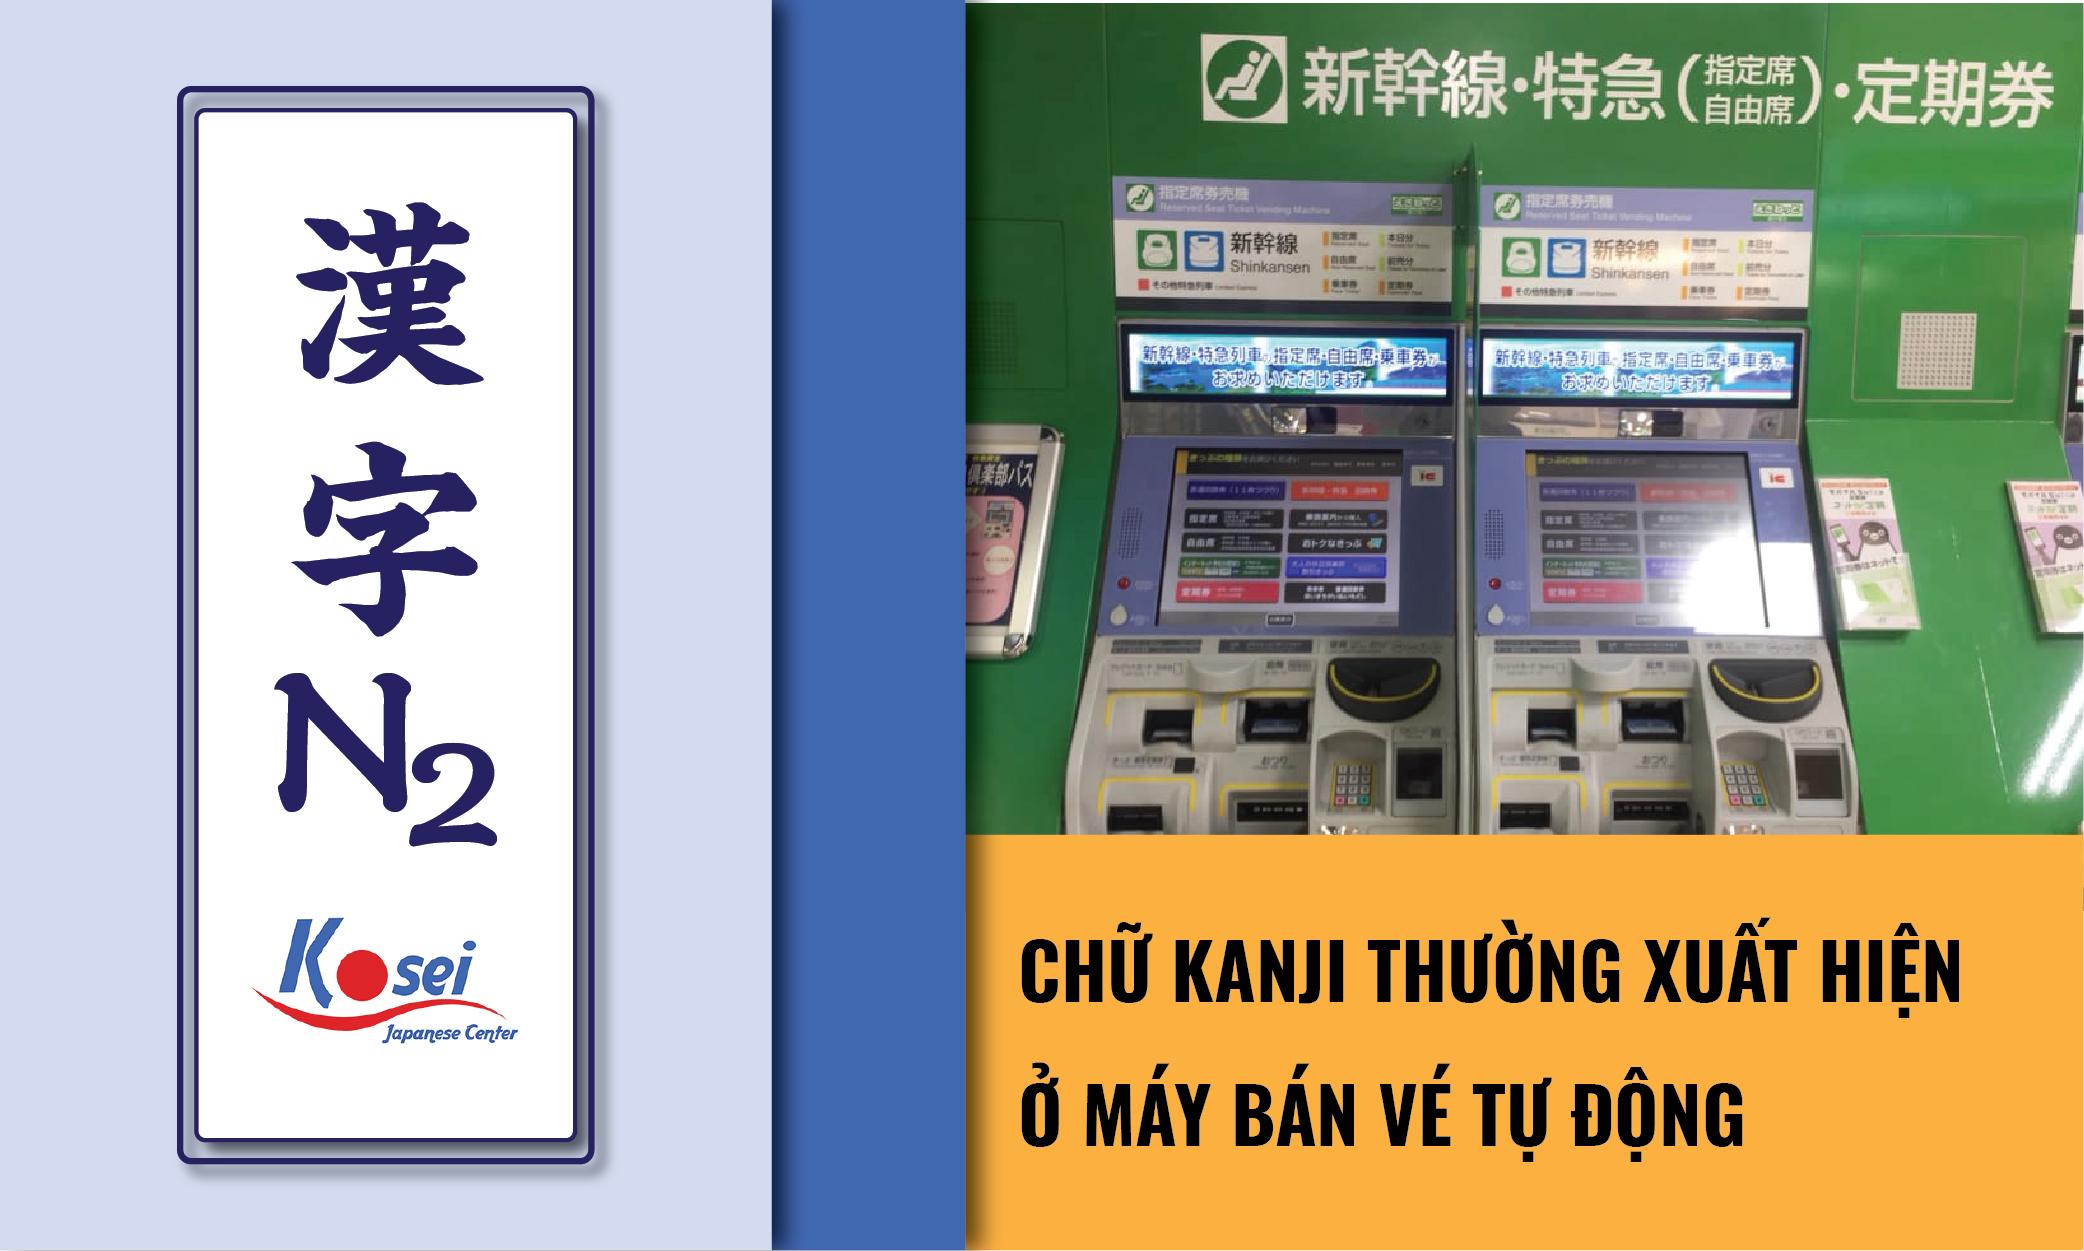 (Tổng hợp) Kanji N2: Các Kanji thường thấy ở máy bán vé tự động